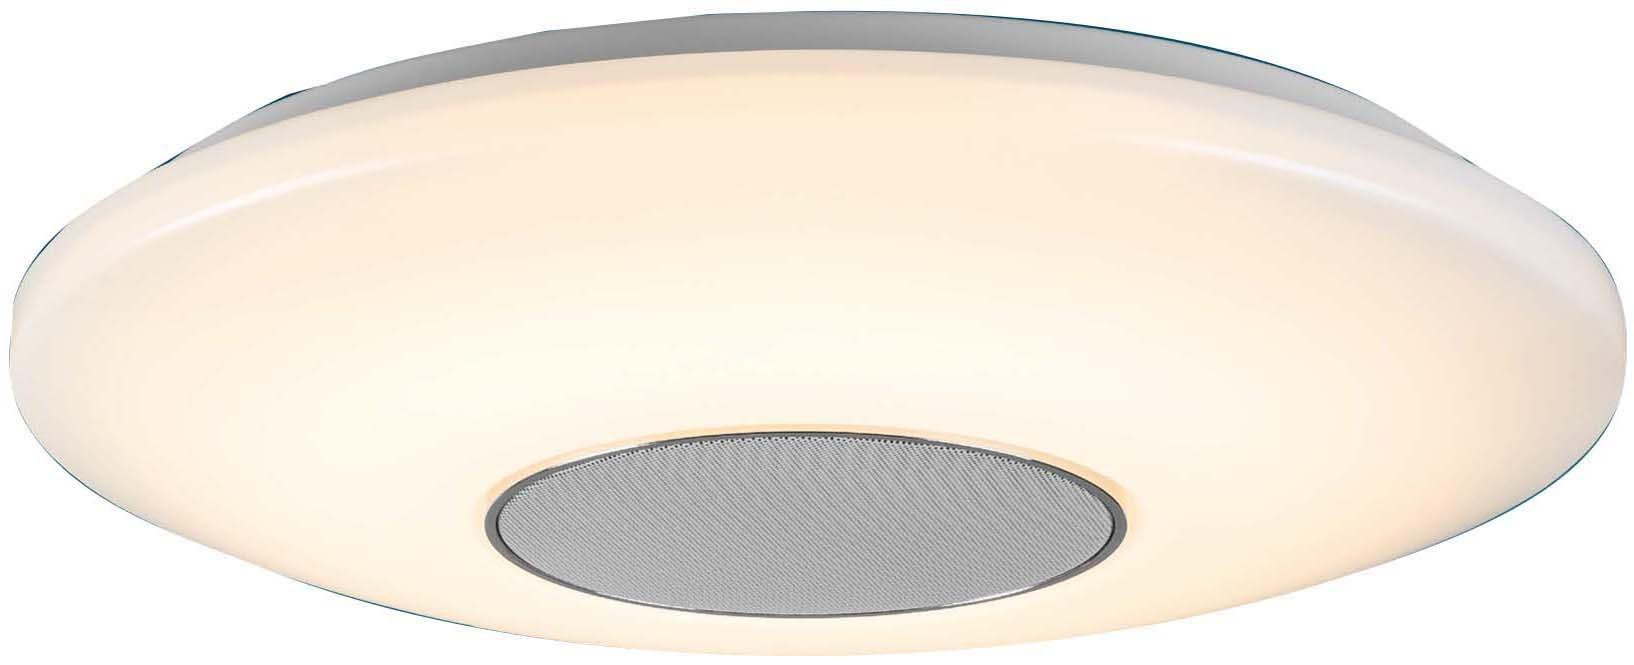 WOFI Deckenleuchte Appollon, LED-Board, 1 St., Bluetooth-Verbindung via Smartphone, Tablet etc. möglich; Musik-Steuerung auch über Fernbedienung möglich; Helligkeitseinstellung möglich